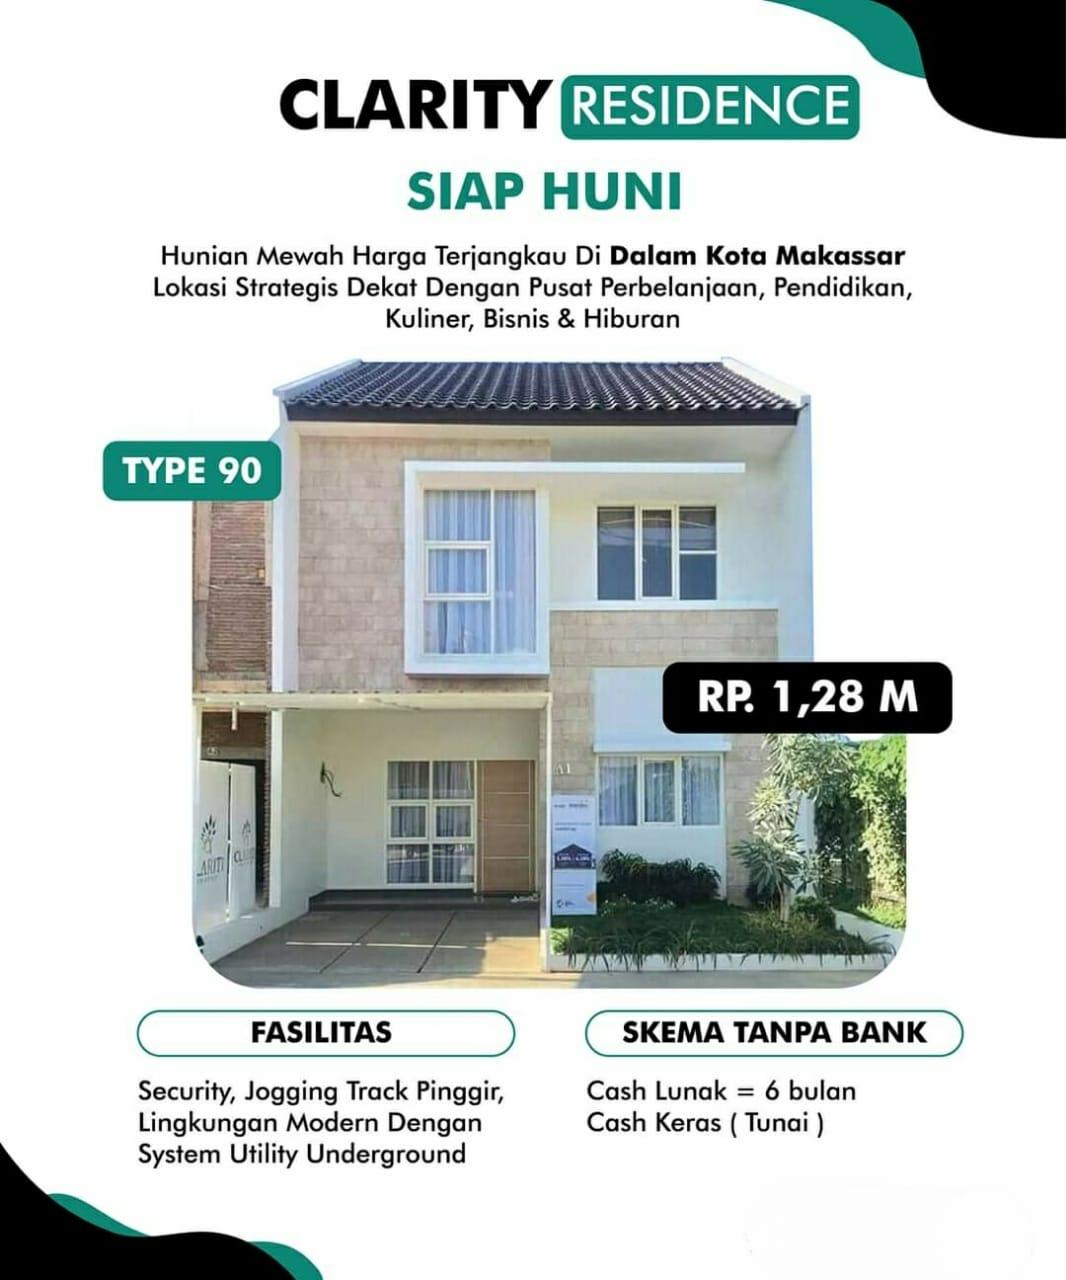 Rumah di Kota Makassar-siap huni-cover1